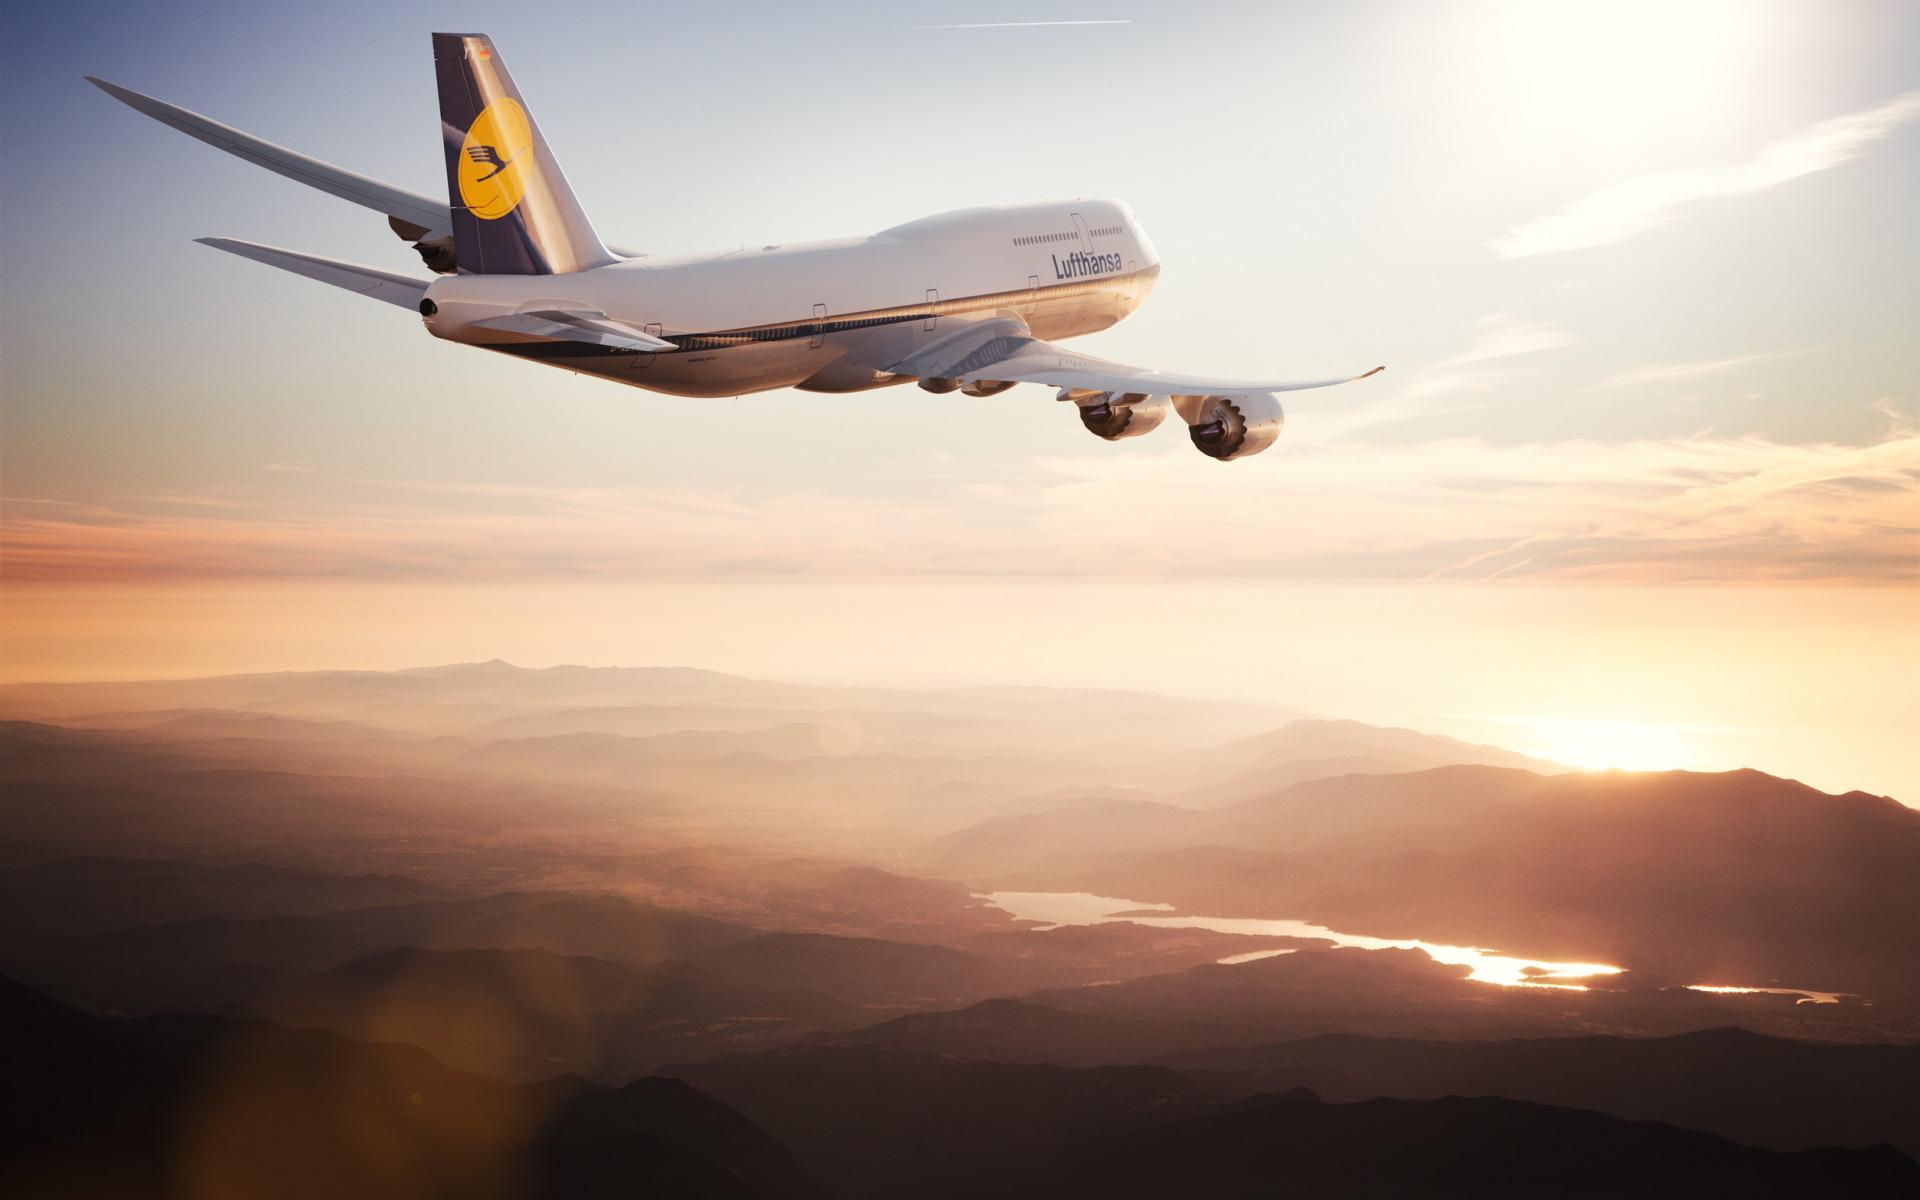 Lufthansa возобновила полеты вКаир после приостановки